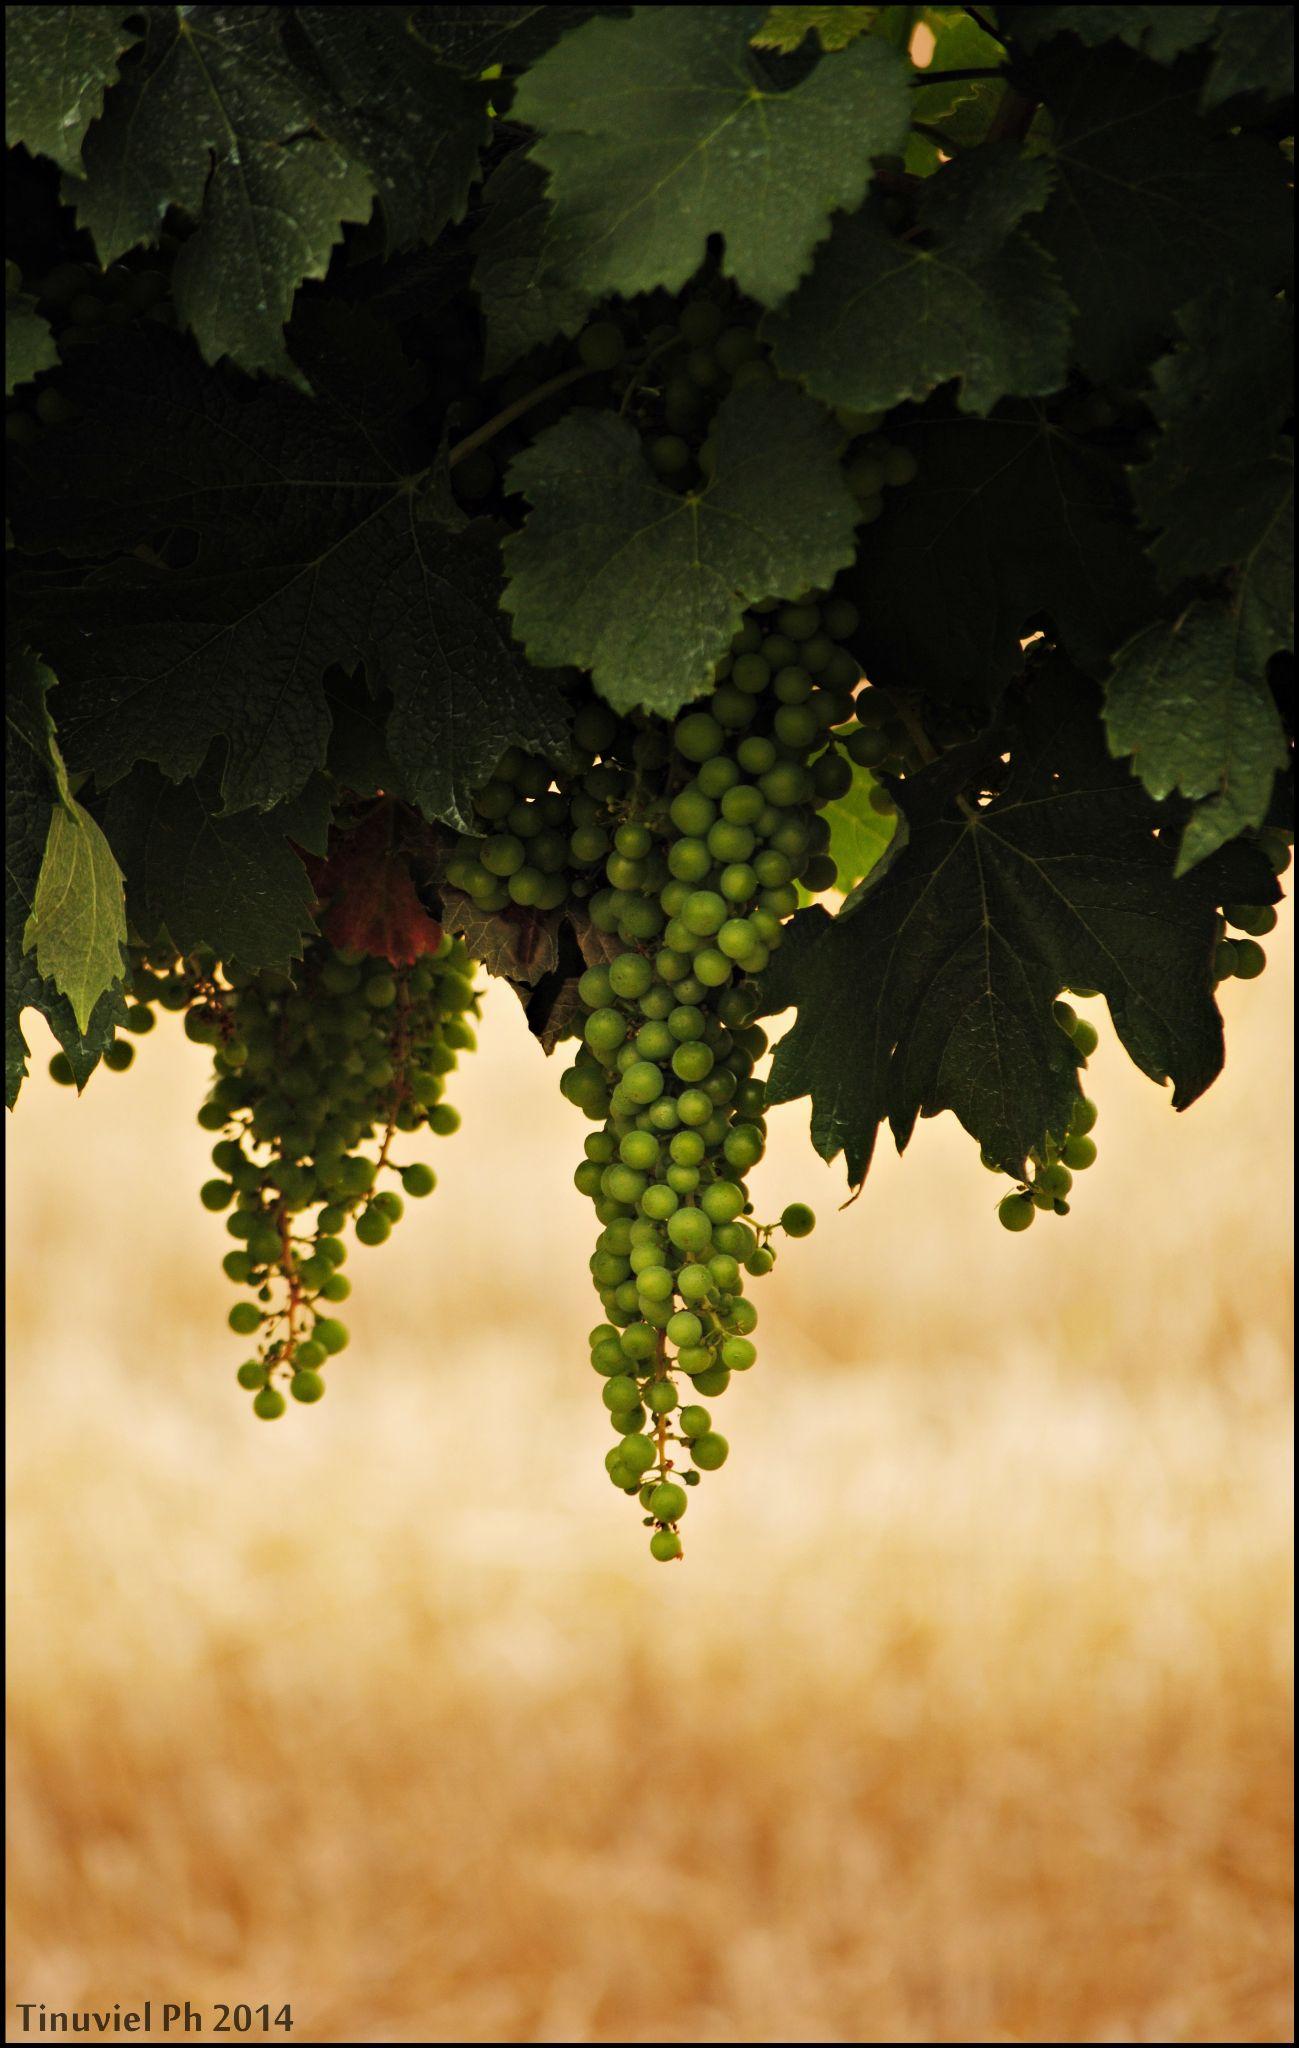 New Grapes by Marika Meneghini